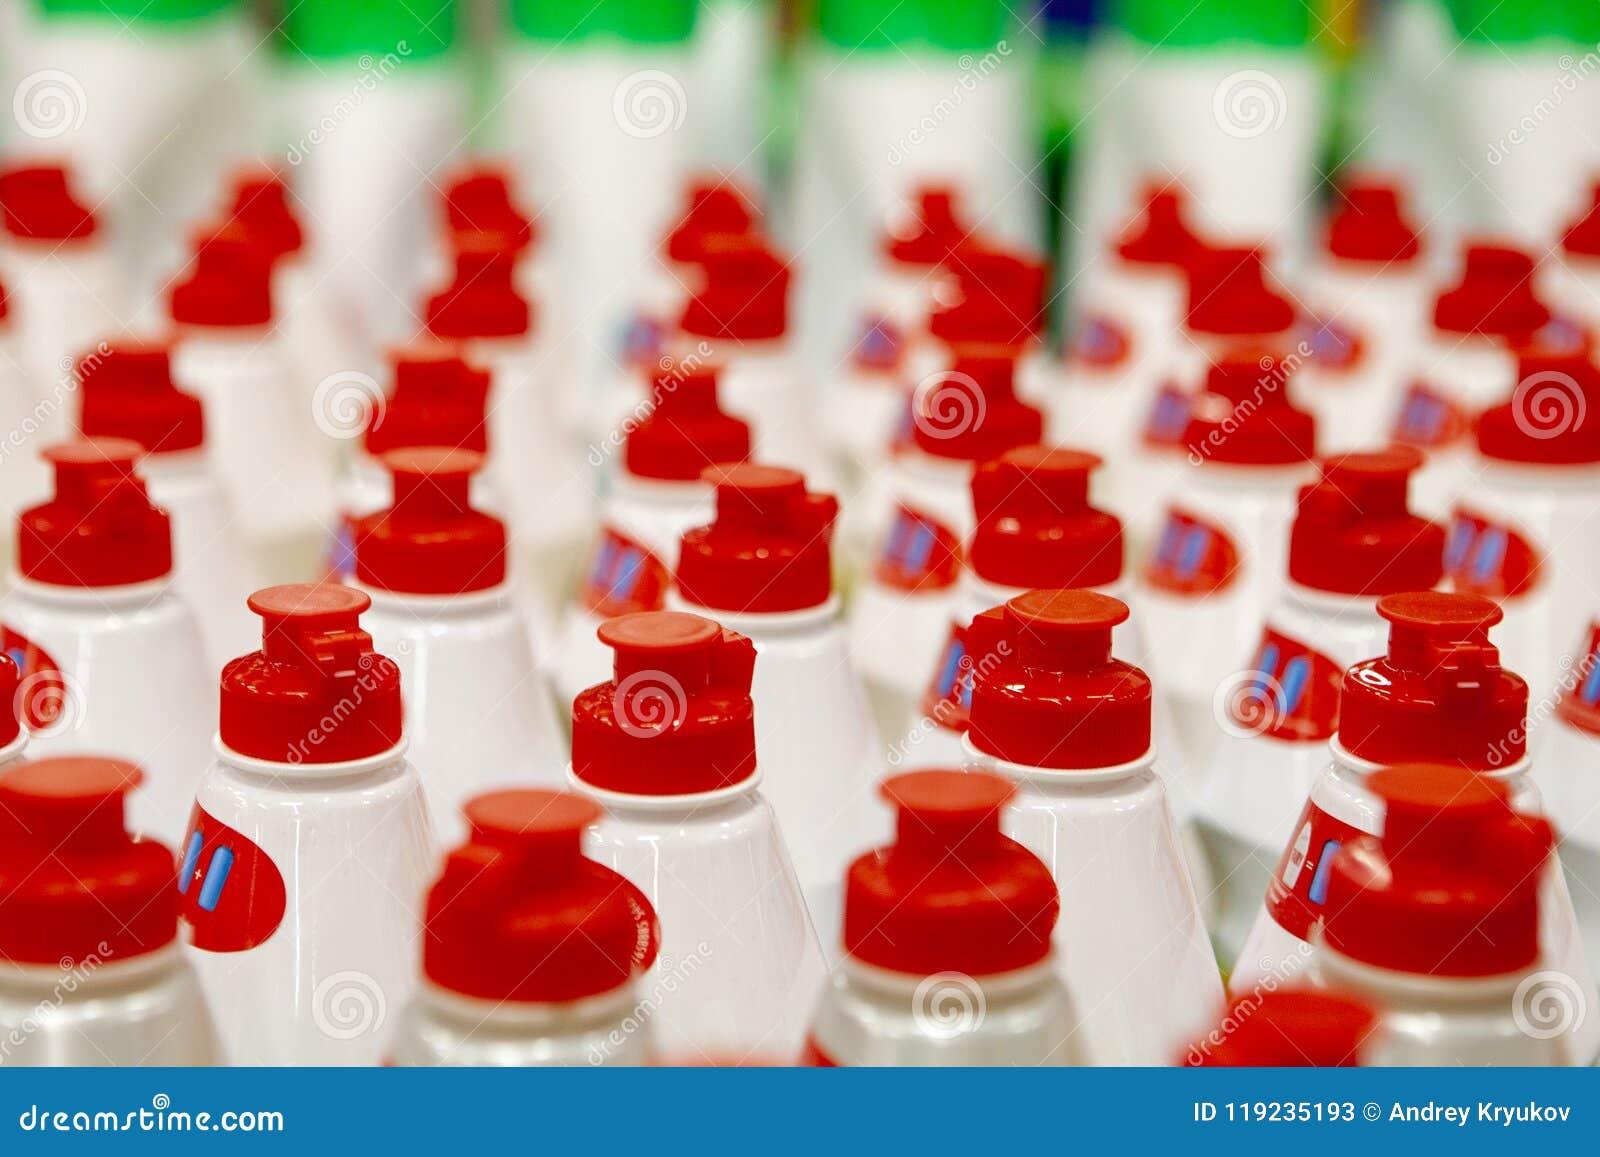 Filas rectas de corchos rojos brillantes en las botellas